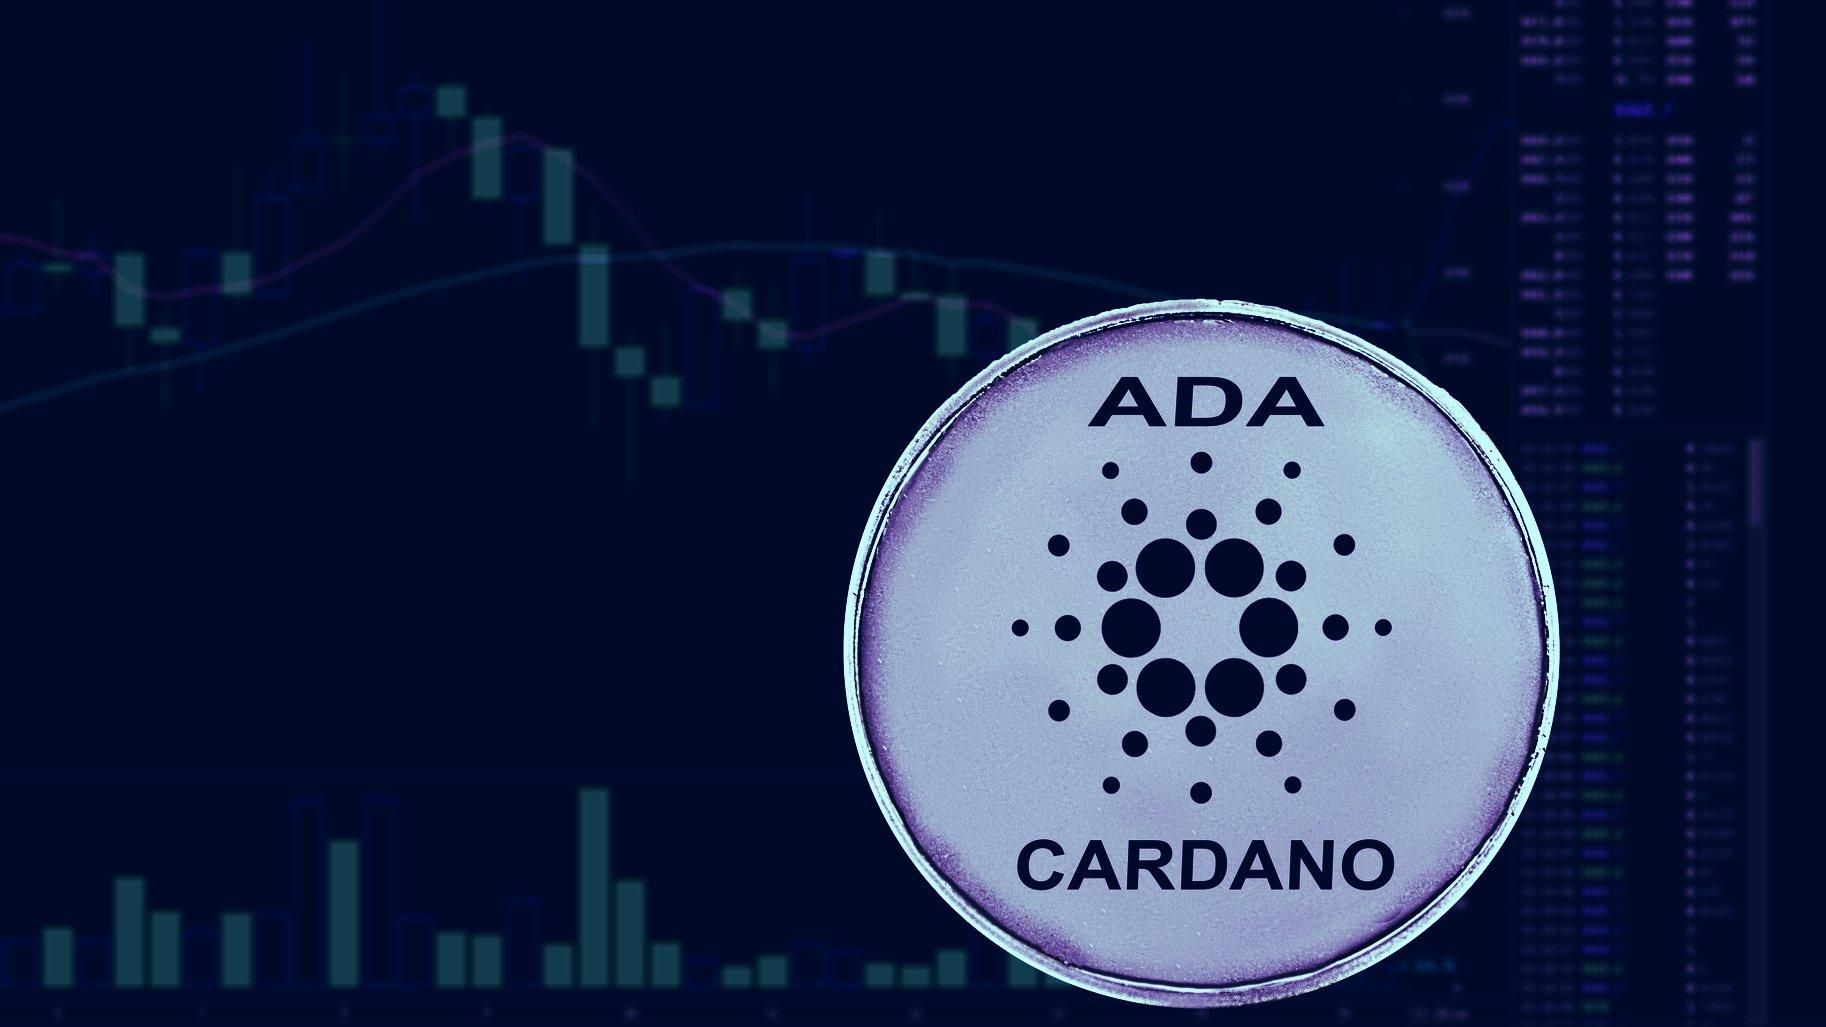 Cardano ve más de 40,000 contratos inteligentes implementados 4 días después de Alonzo HFC, cómo esto afecta el precio